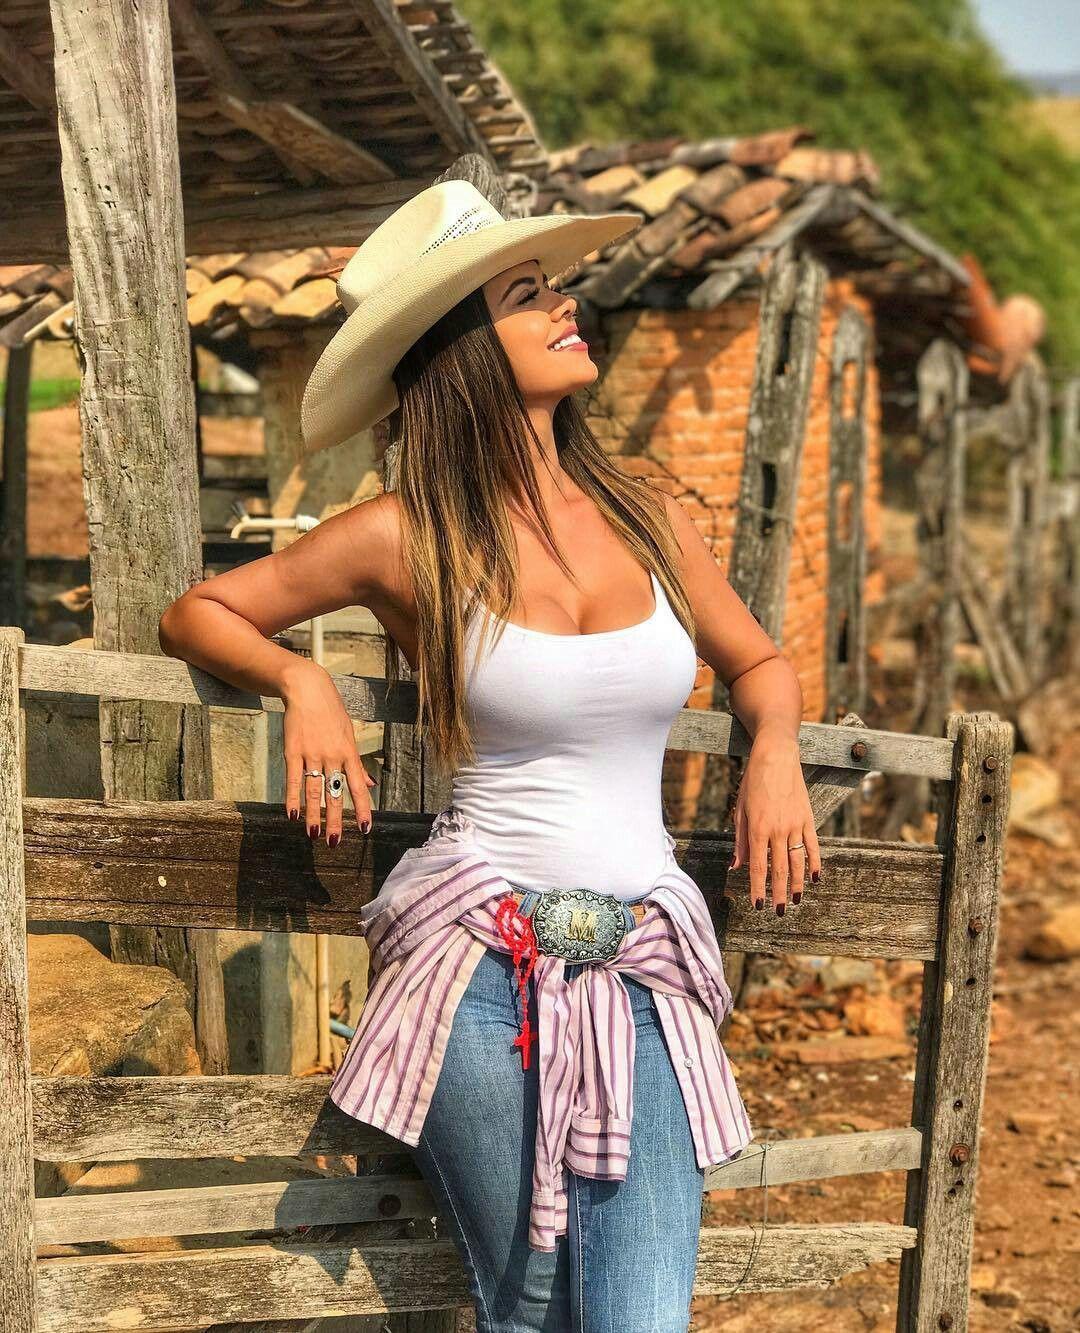 Valory irene big tits cowgirl mybigtitsbabes